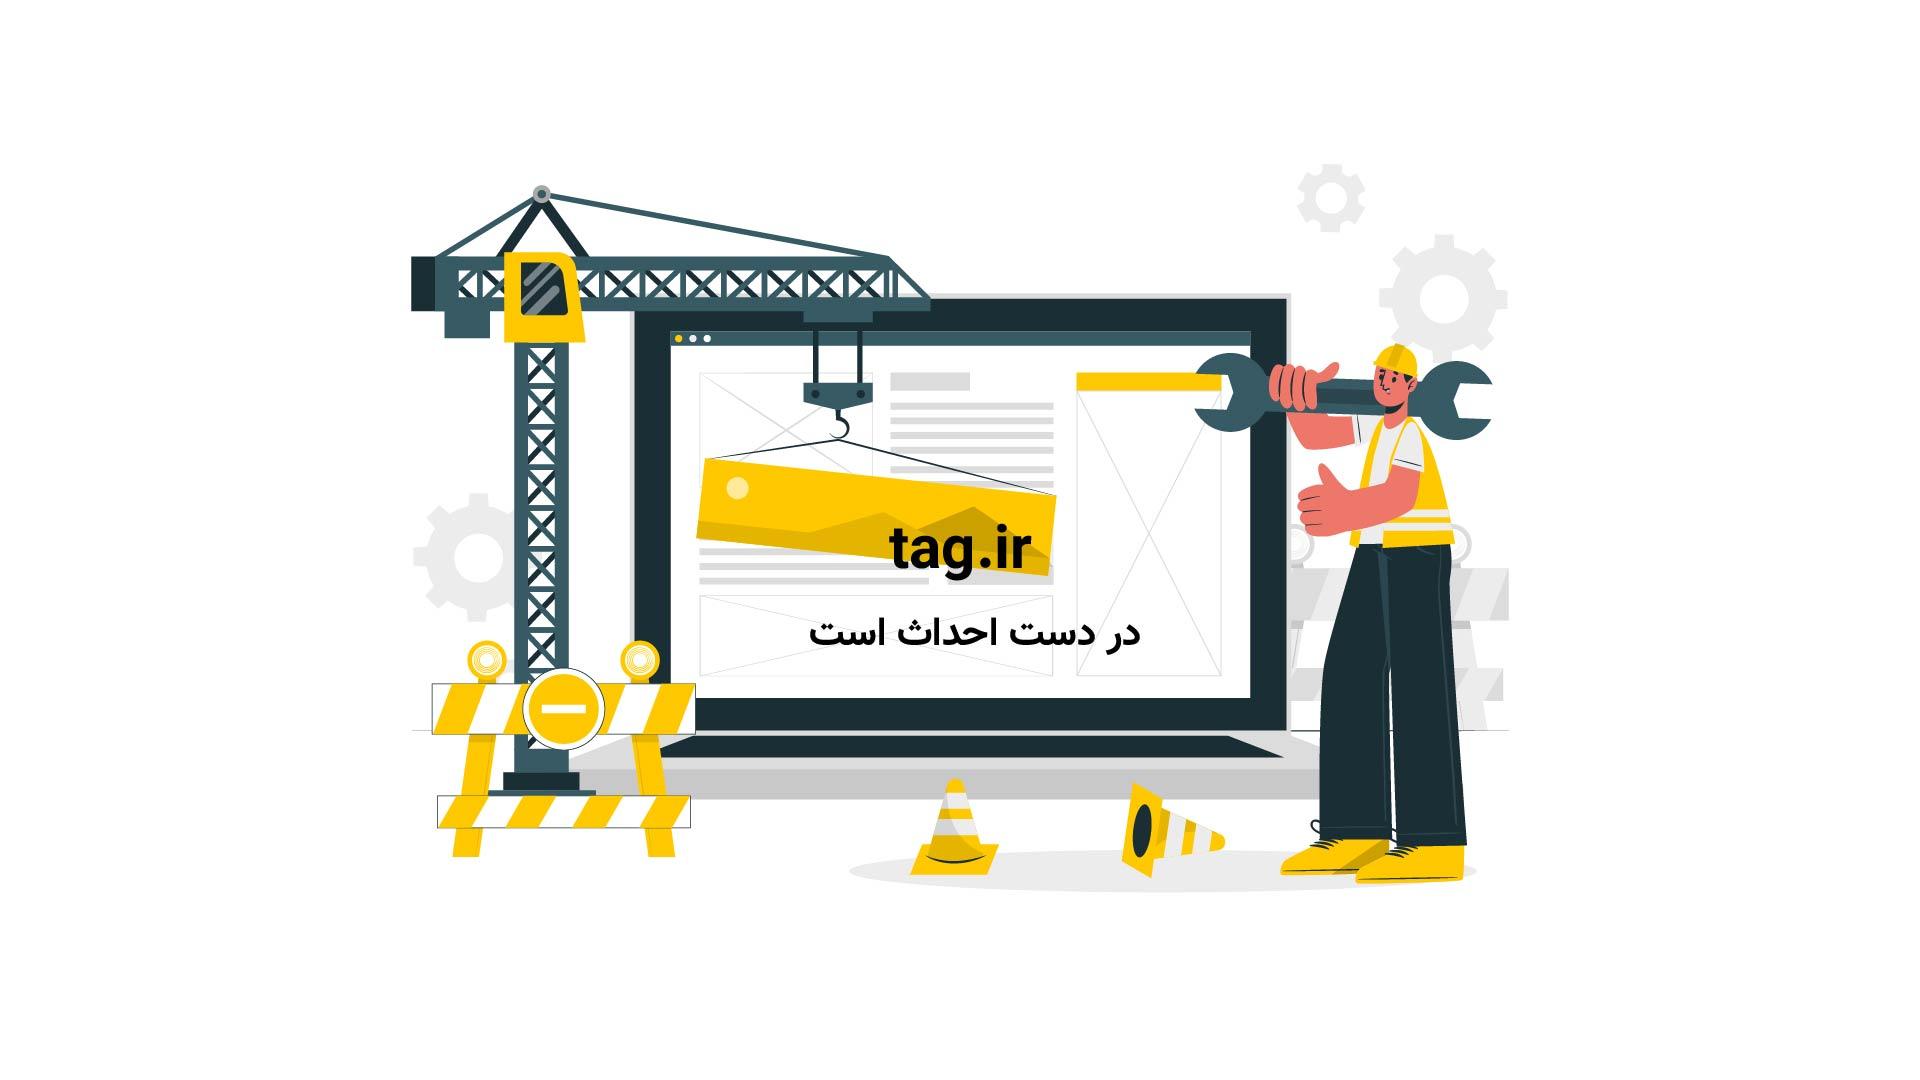 فیلم حرکت یک ضرب علی هاشمی در المپیک ریو